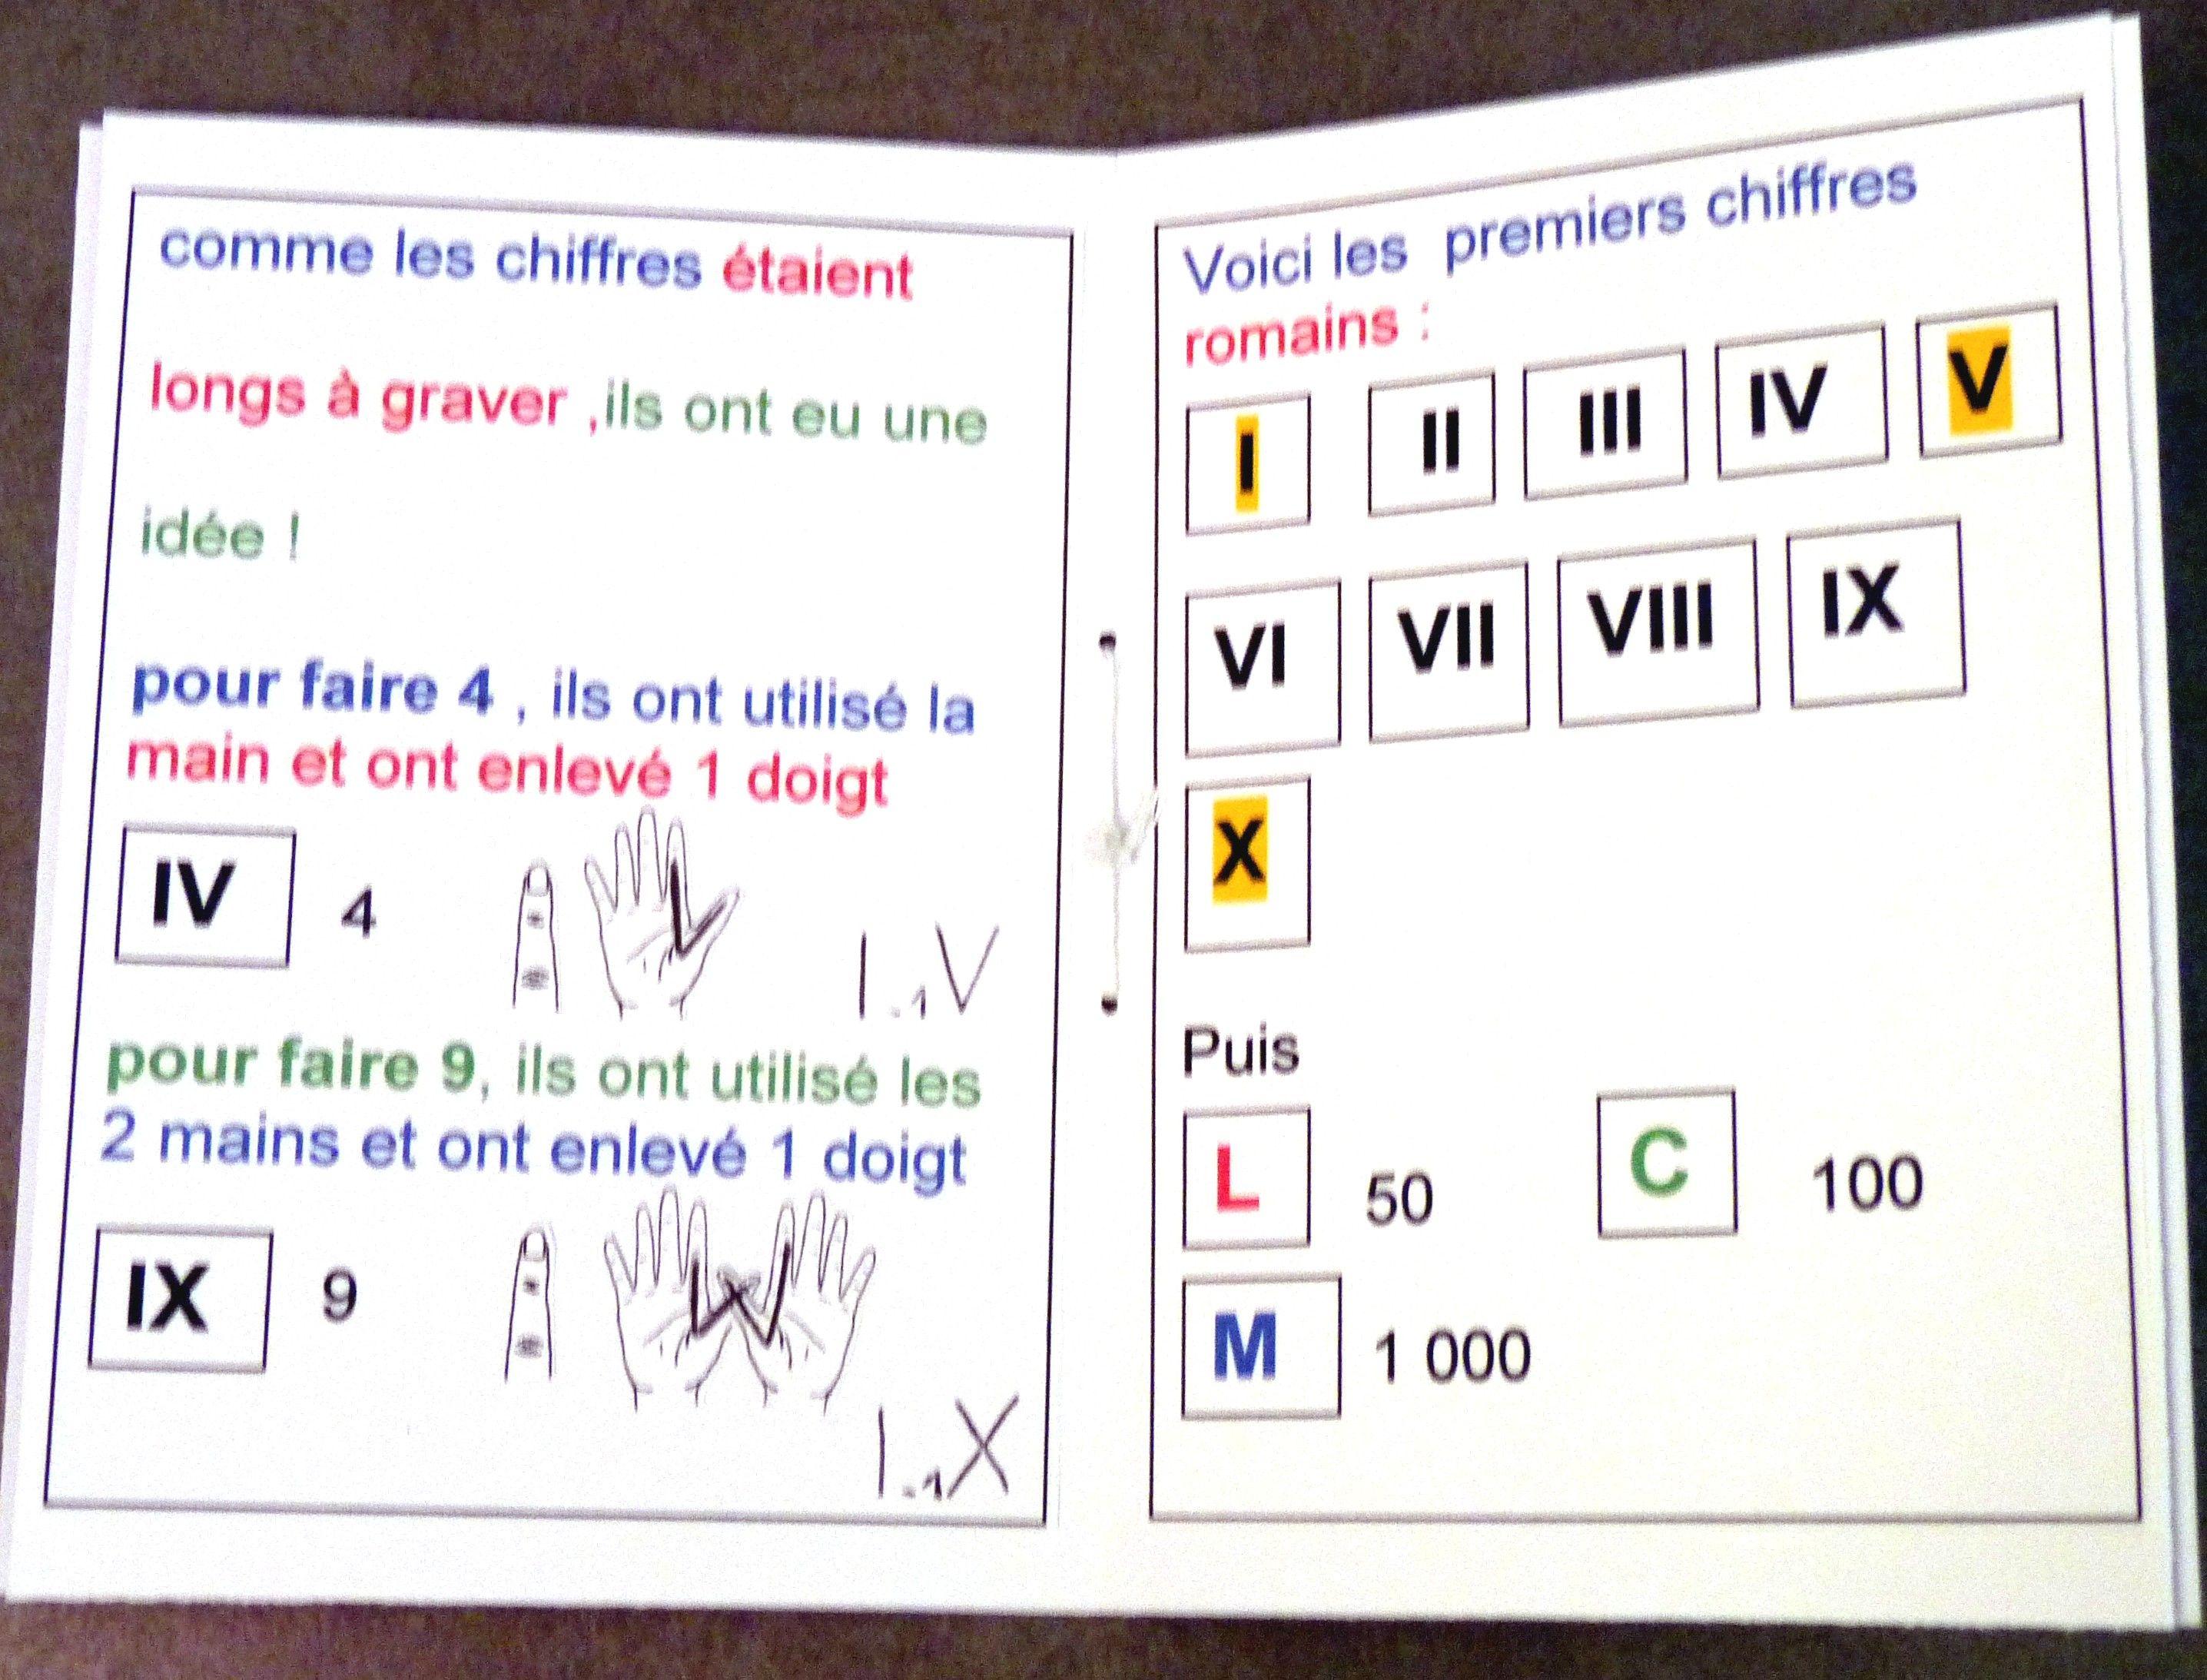 comment apprendre les chiffres romains … | Les chiffres romains, Apprendre les chiffres ...